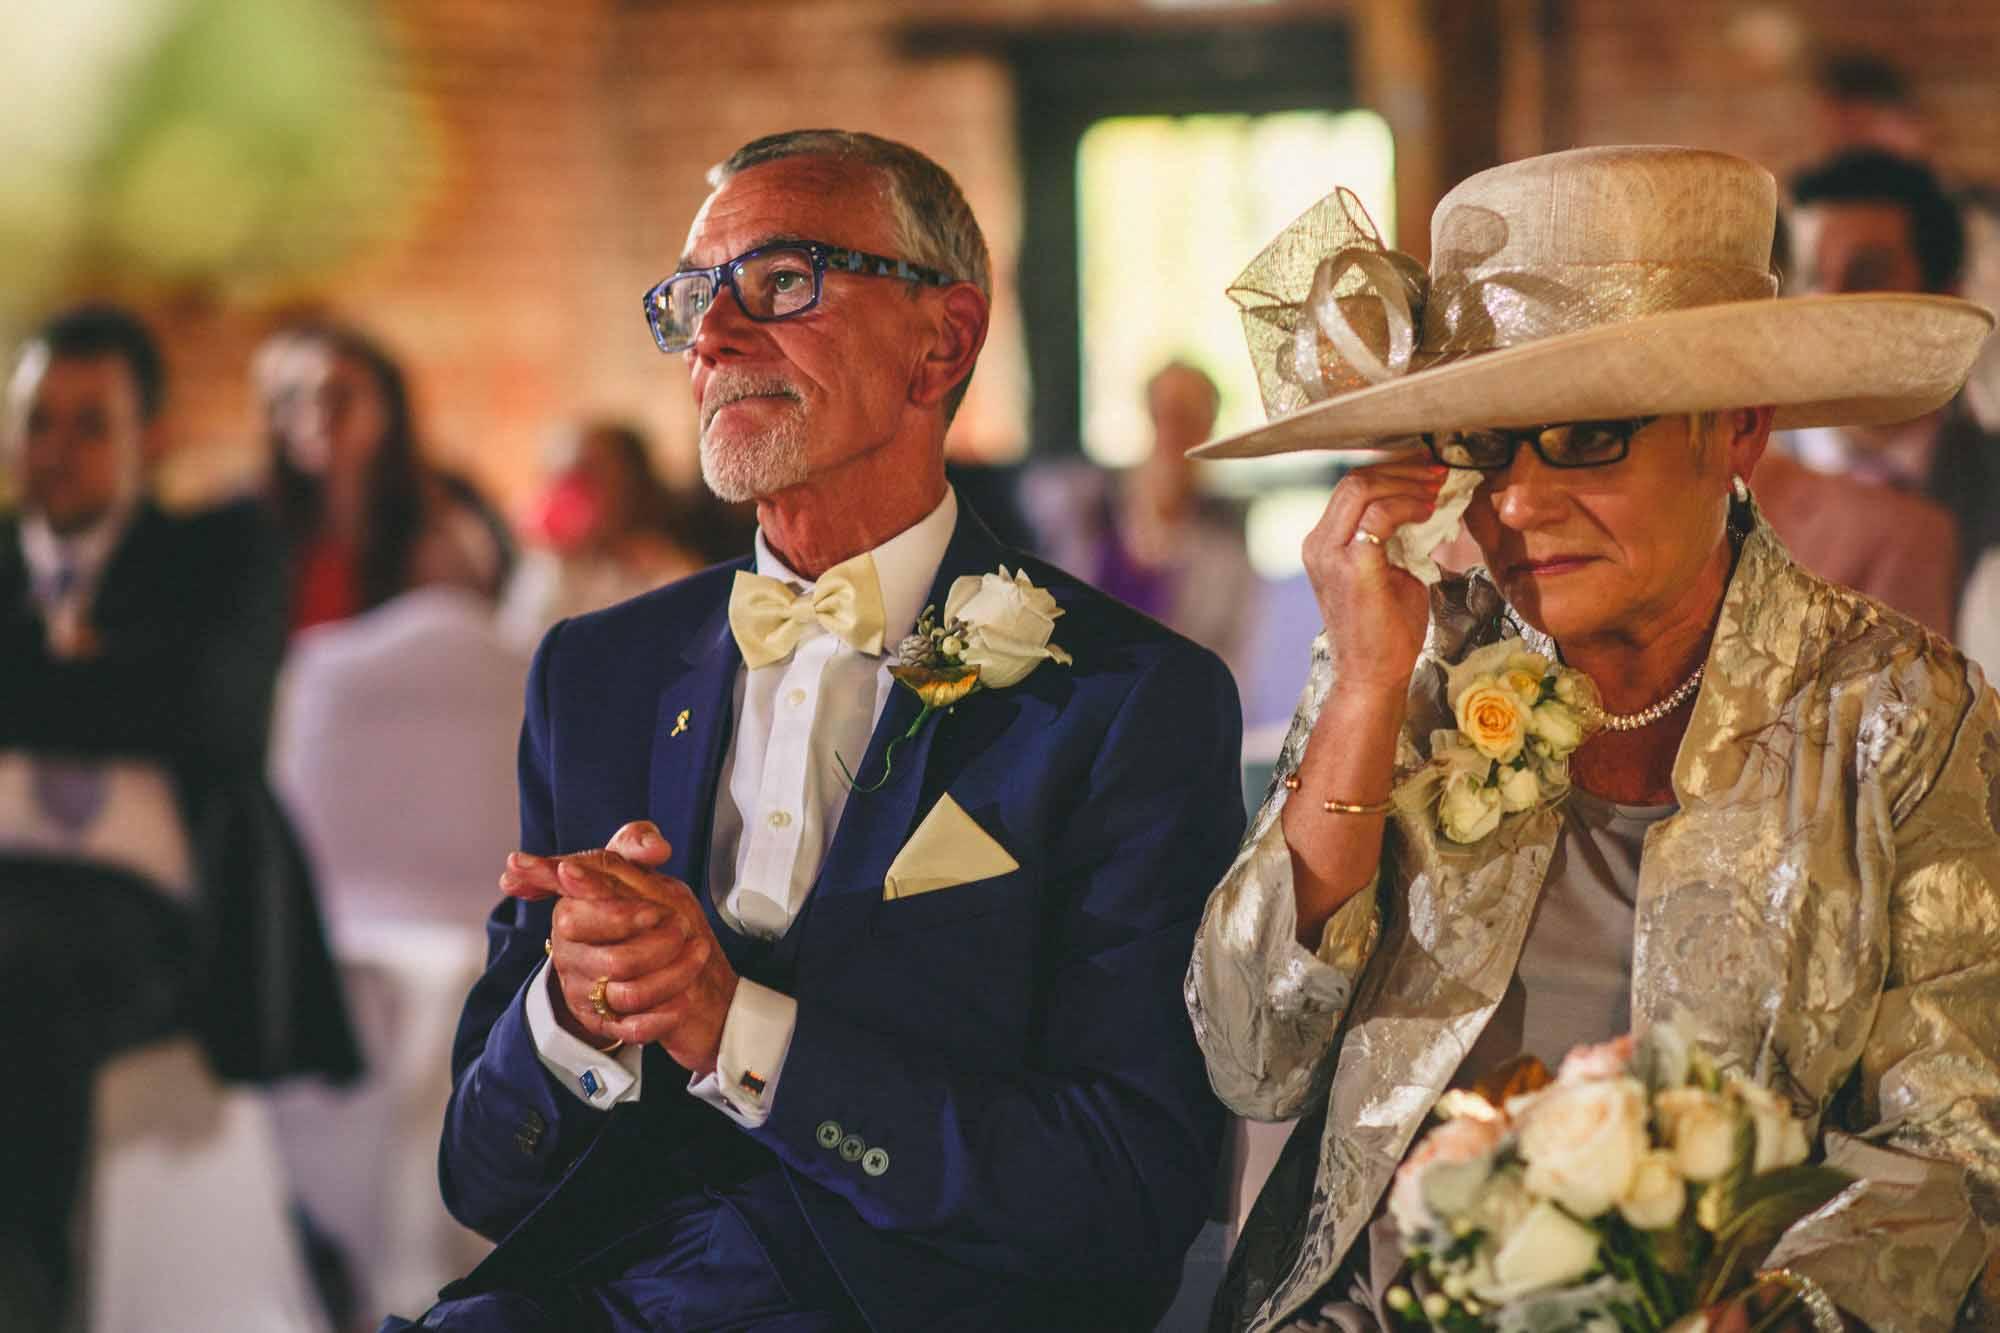 Emotional Wedding Photography Miki Photography